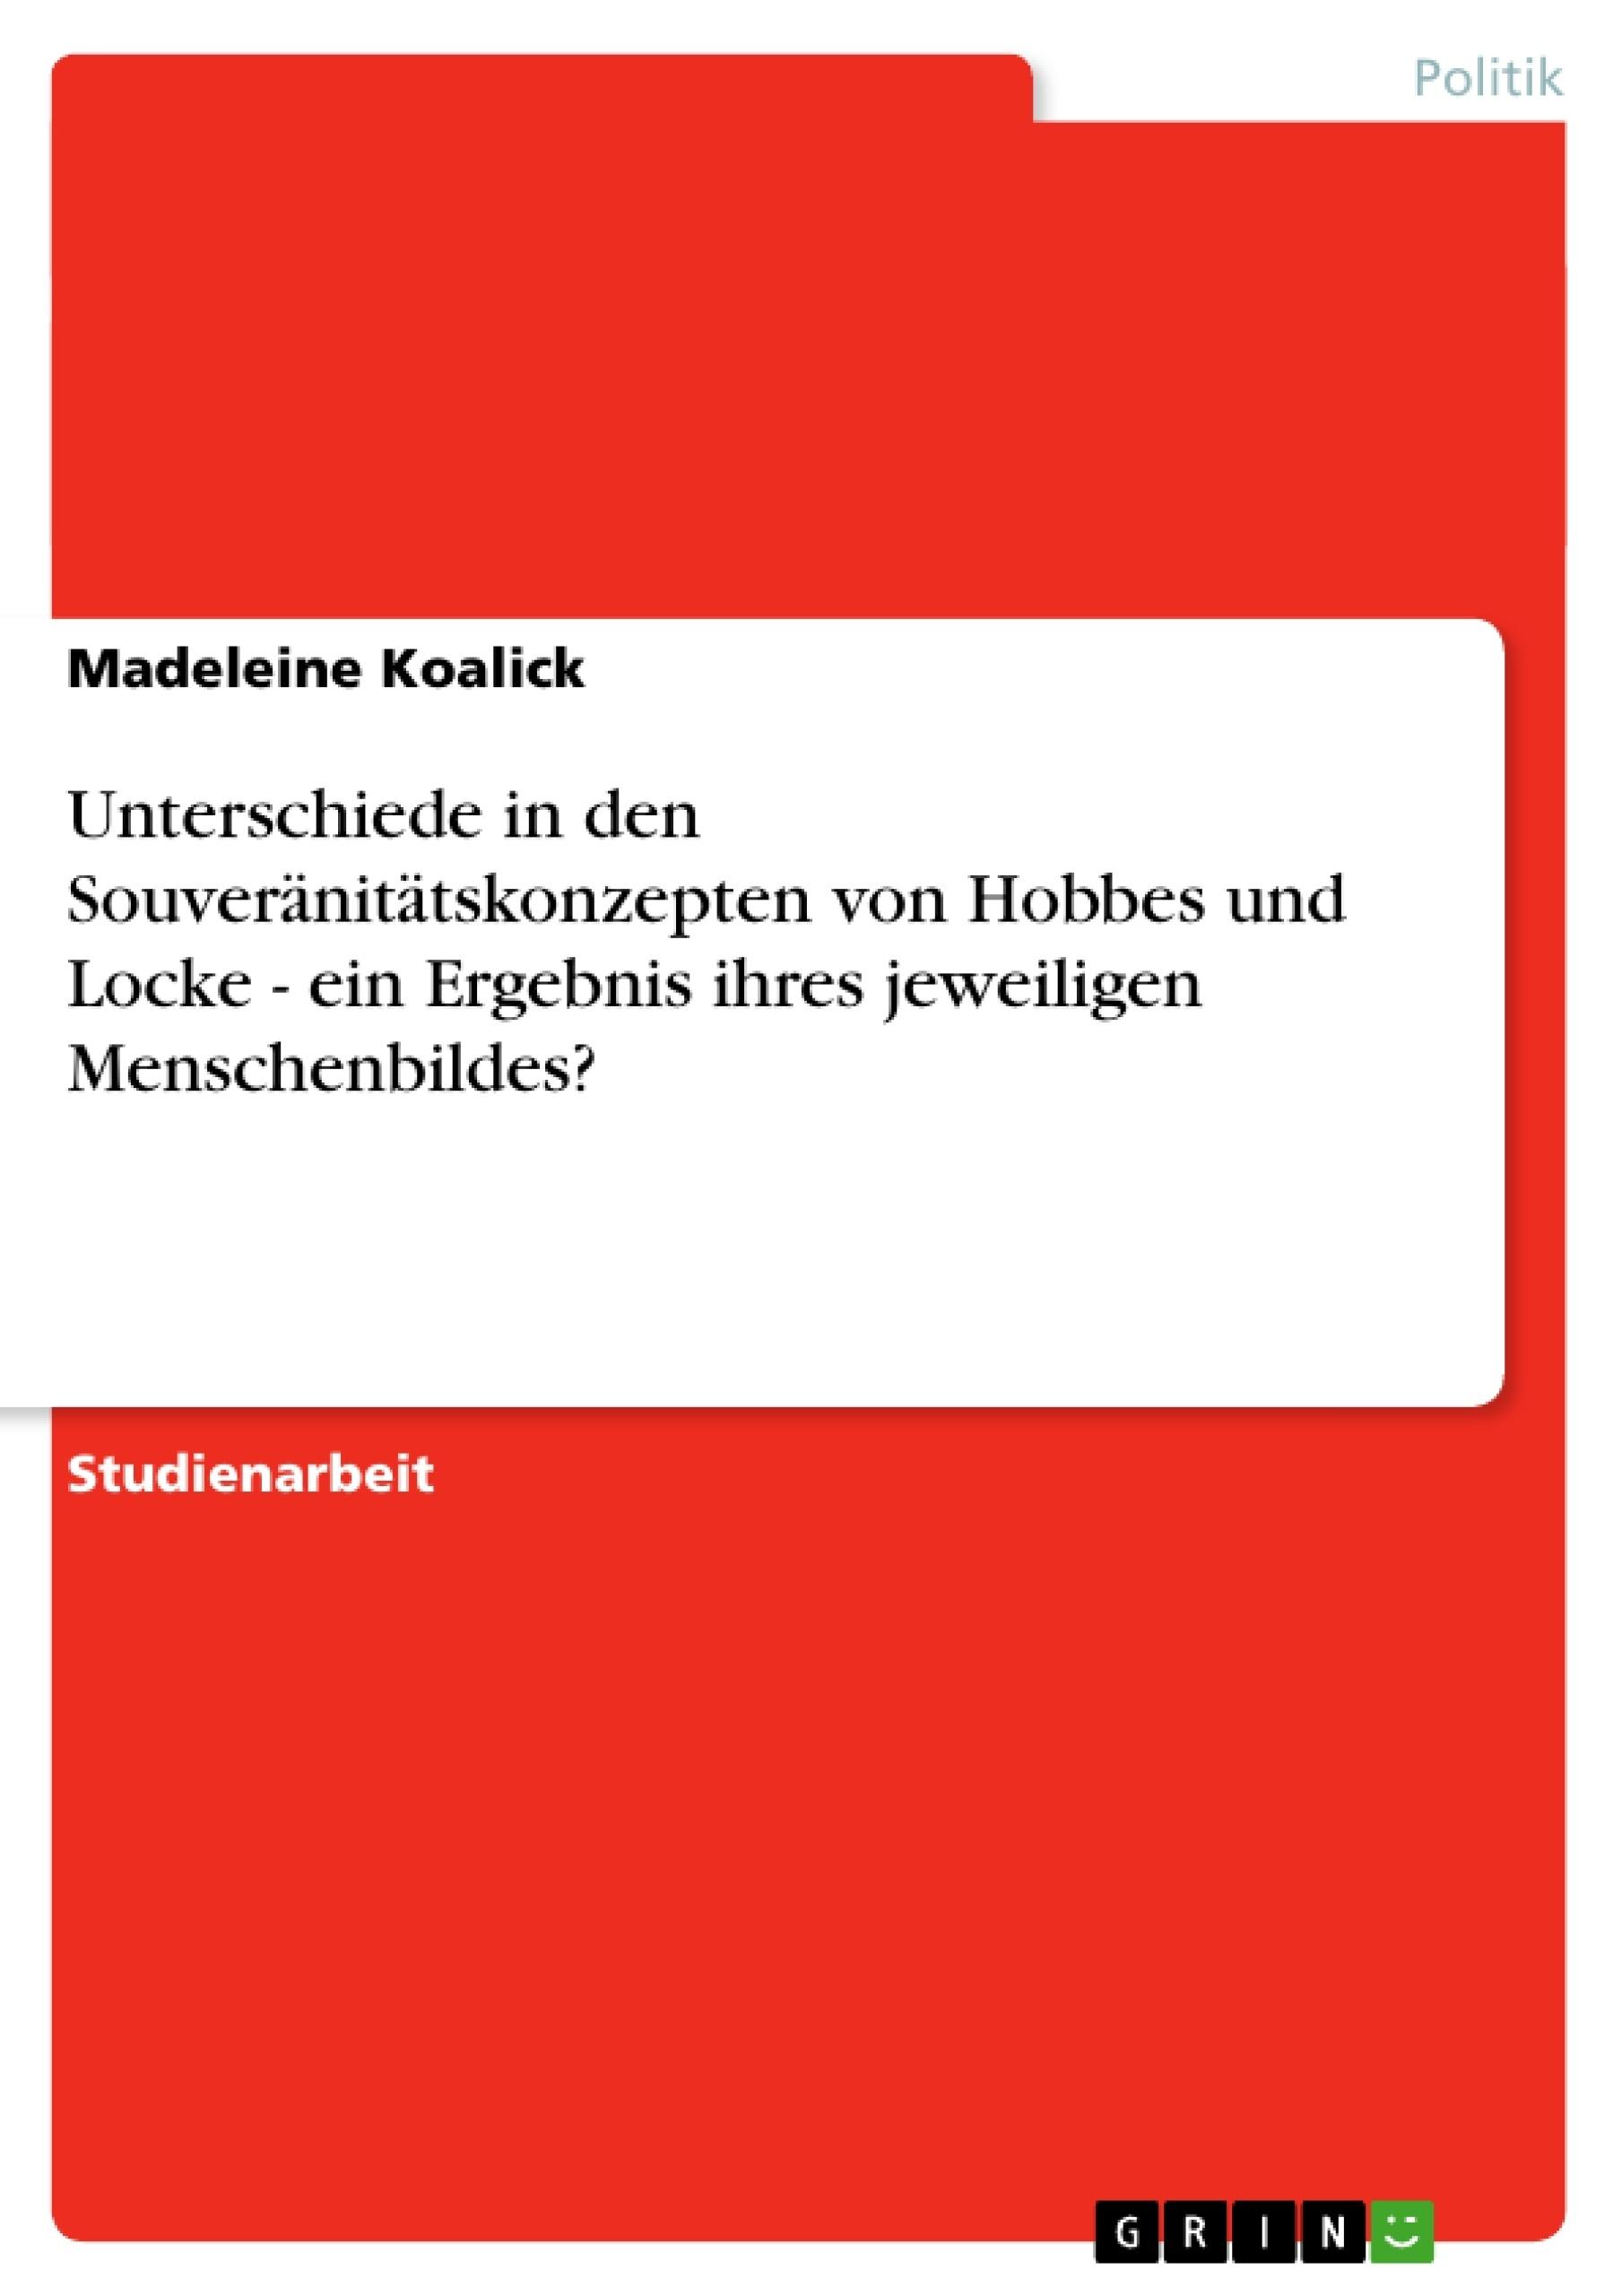 Titel: Unterschiede in den Souveränitätskonzepten von Hobbes und Locke - ein Ergebnis ihres jeweiligen Menschenbildes?